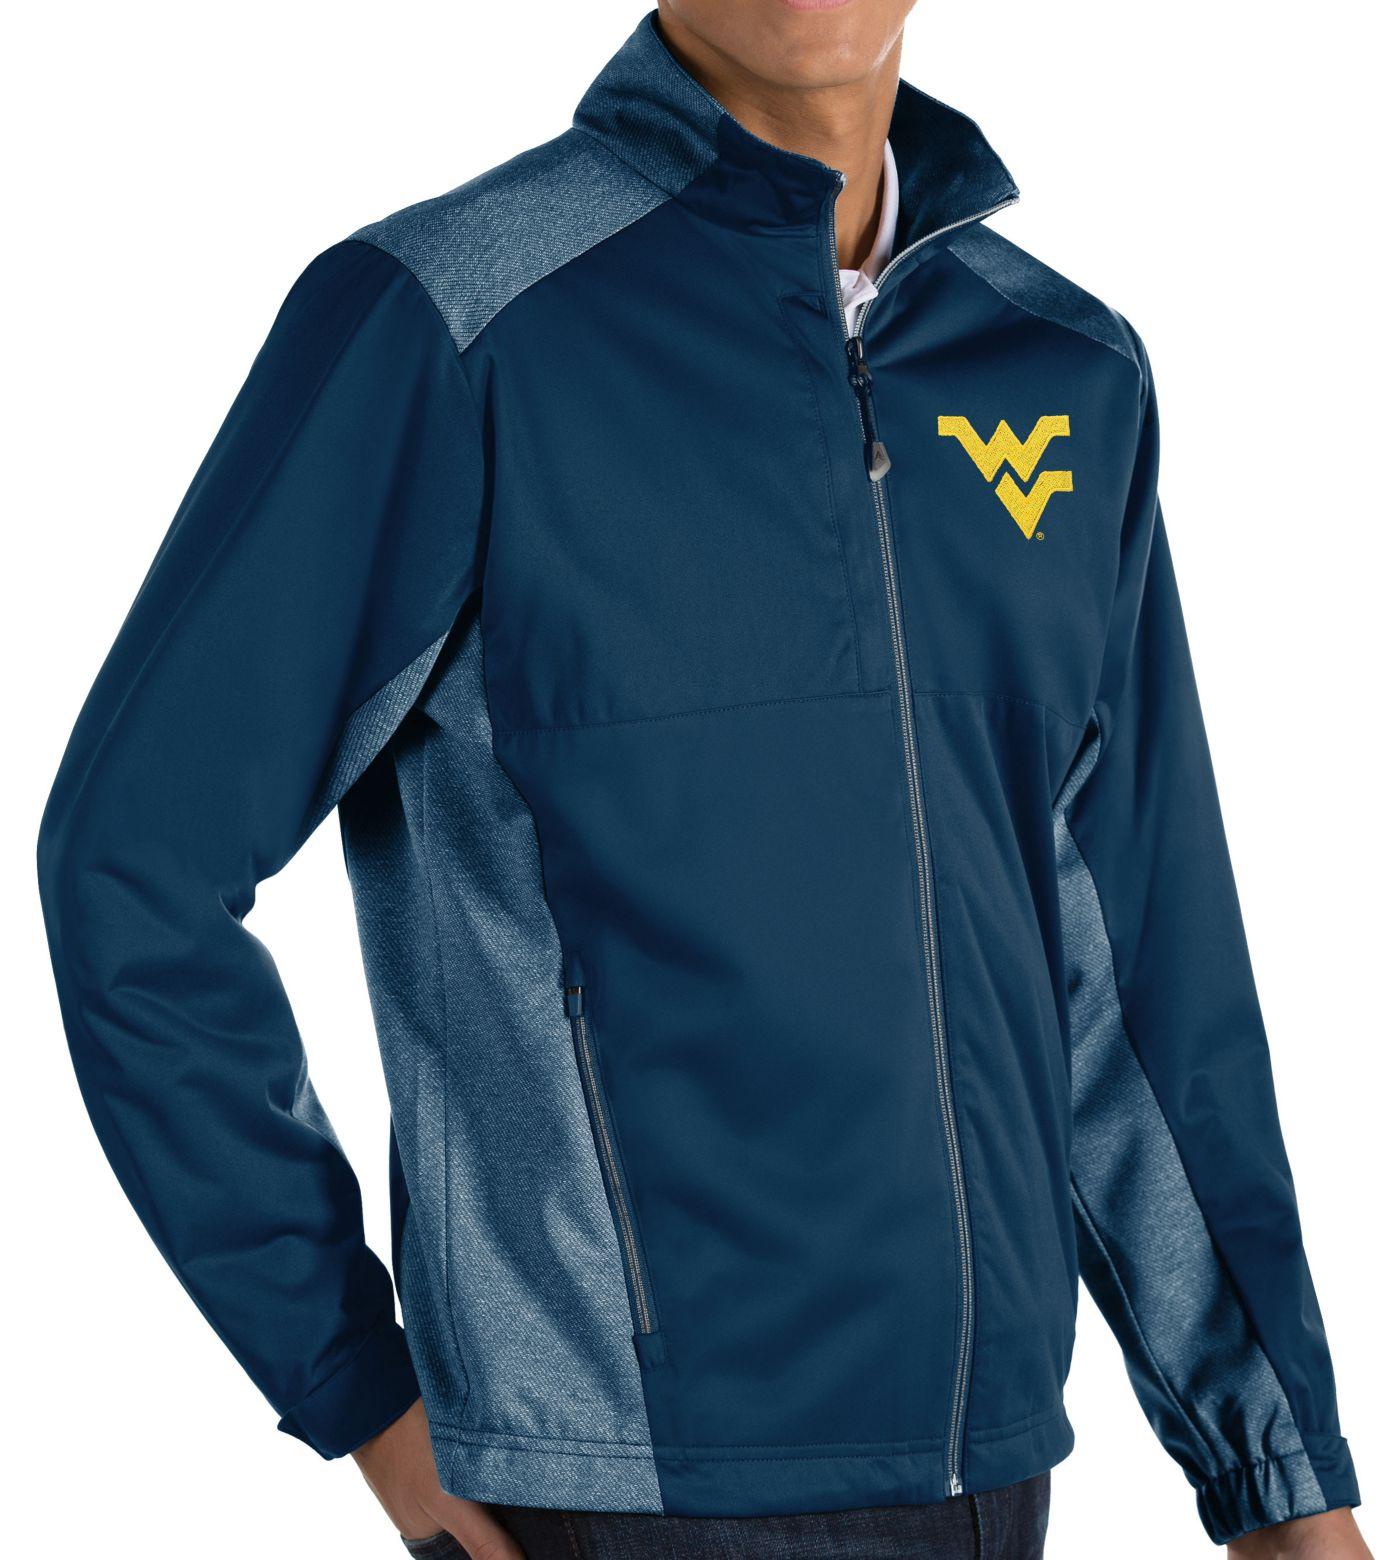 Antigua Men's West Virginia Mountaineers Blue Revolve Full-Zip Jacket